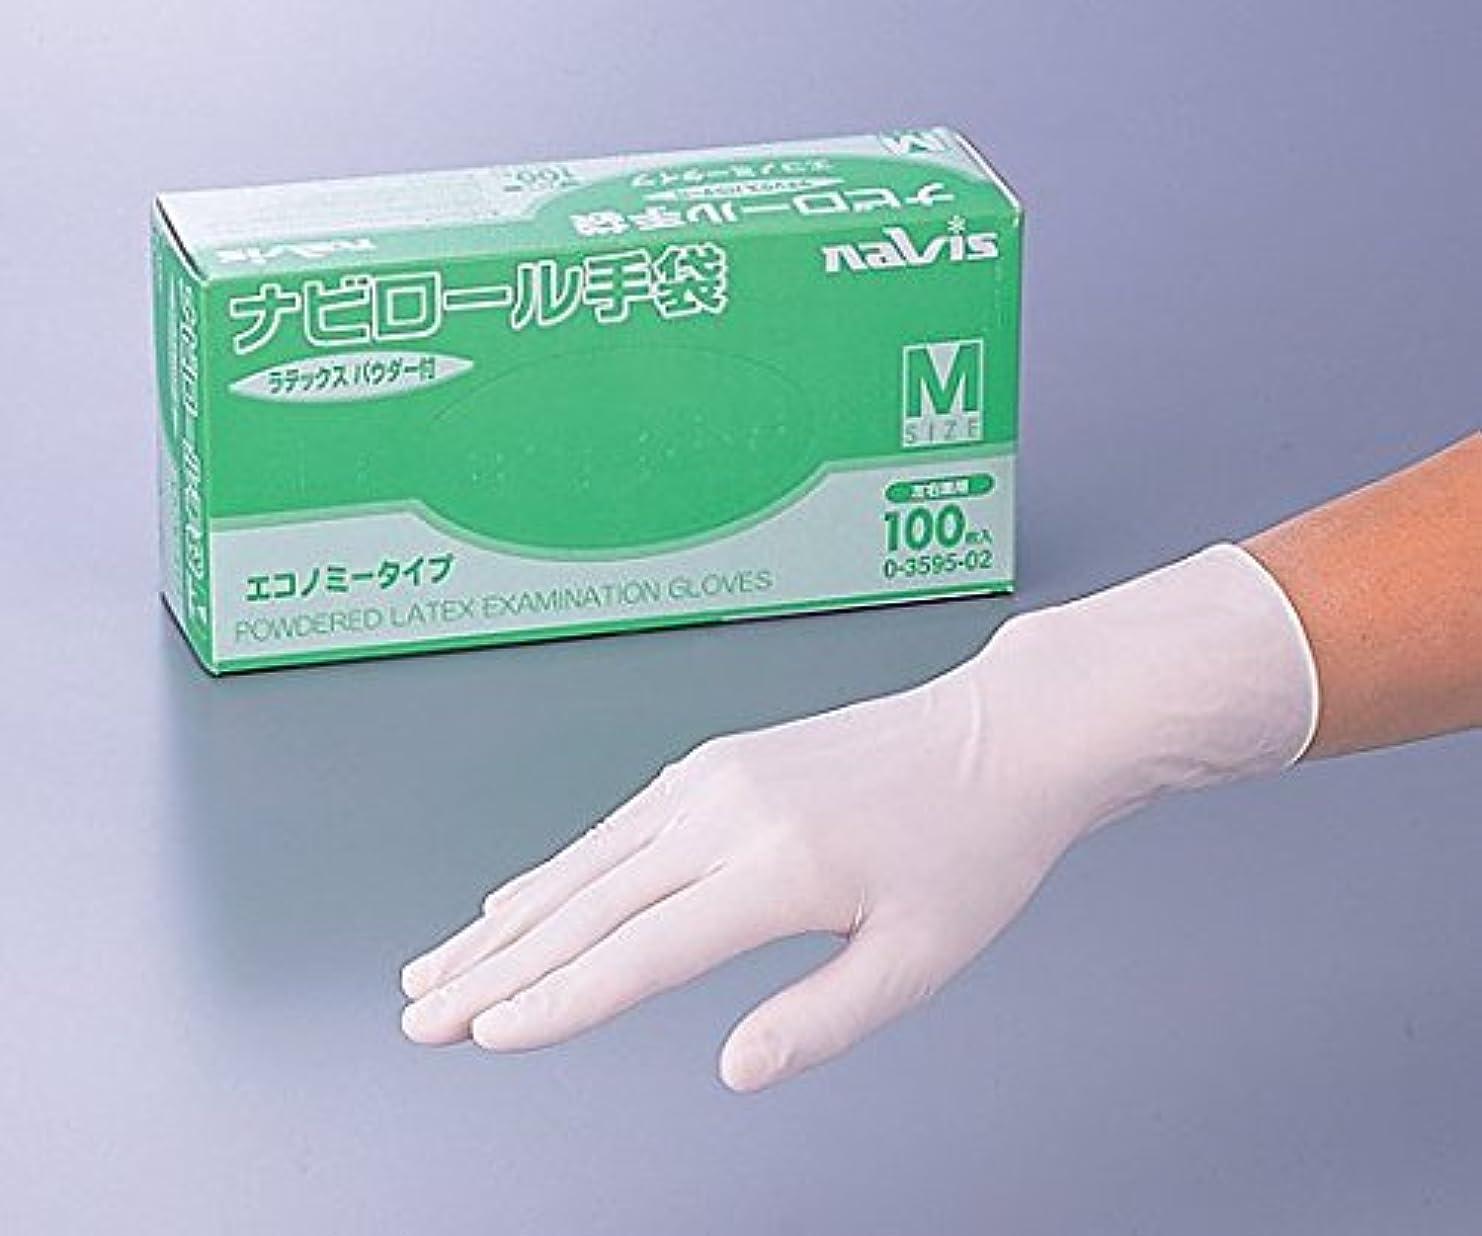 まもなくアクセル堀アズワン0-3595-01ナビロール手袋(エコノミータイプ?パウダー付)L100枚入